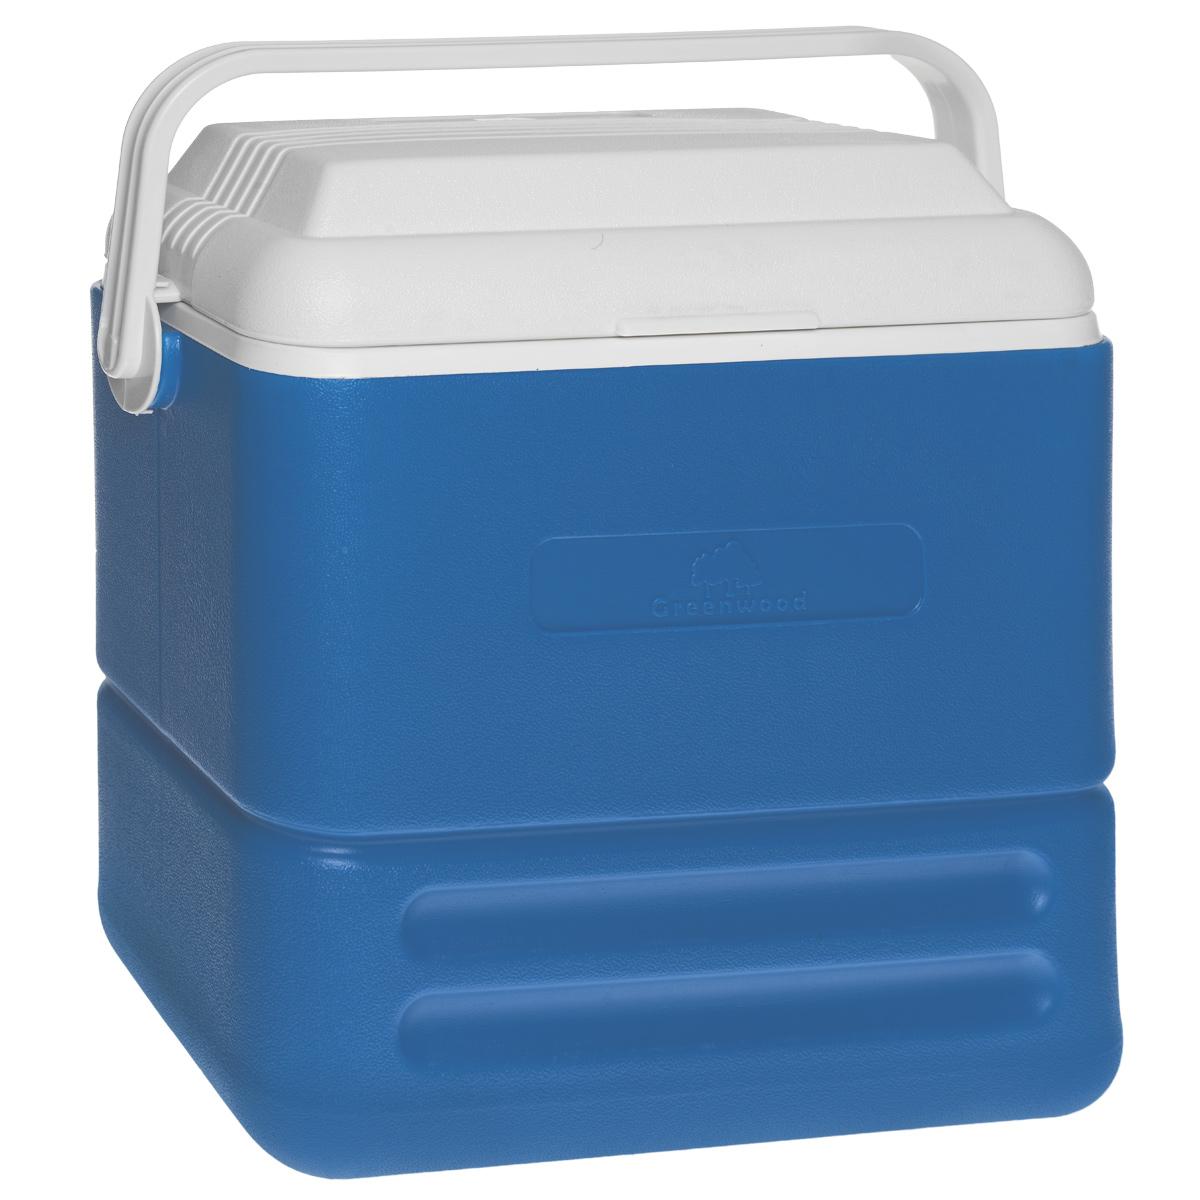 Изотермический контейнер Greenwood HS713, 16 л, 38 см х 23 см х 37,5 смУТ-00002425Изотермический контейнер Greenwood изготовлен из высококачественного полистирола и предназначен для сохранения определенной температуры продуктов во время длительных поездок. Между двойными стенками находится термоизоляционный слой, который обеспечивает сохранение продуктов горячими или холодными на 12 часов. Подходит для хранения сухого льда. Подвижная ручка фиксирует крышку и делает более удобной переноску контейнера.